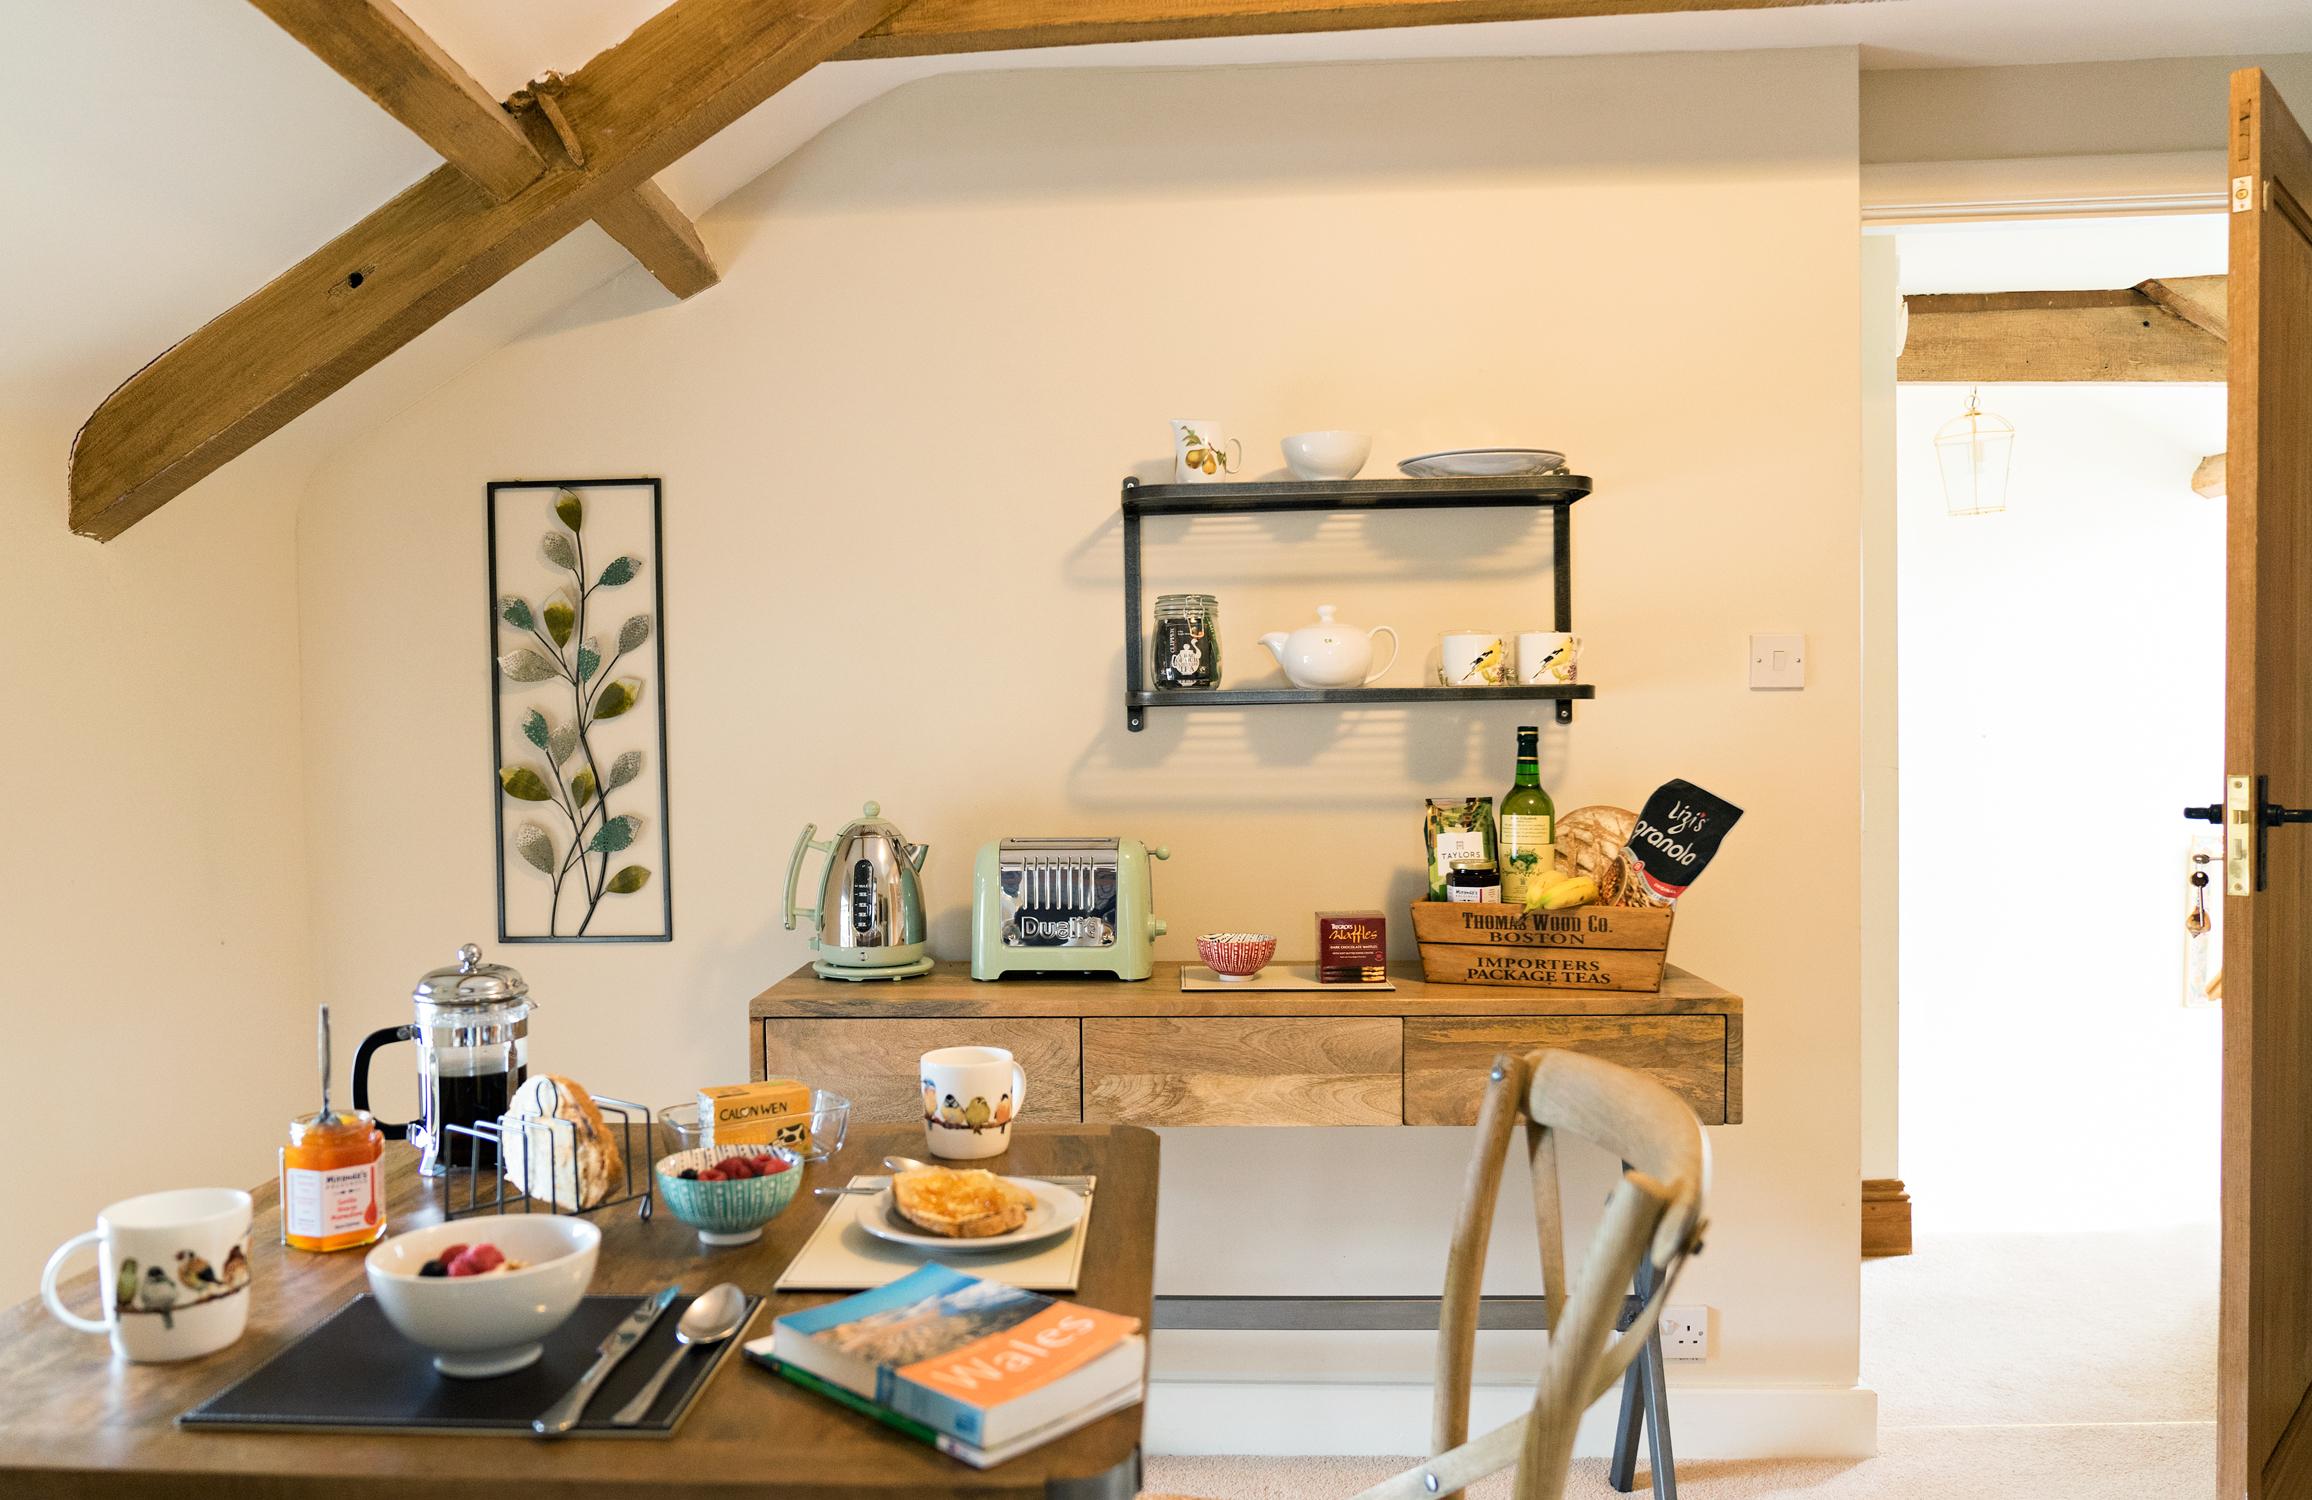 Loft Suite In Room Breakfast